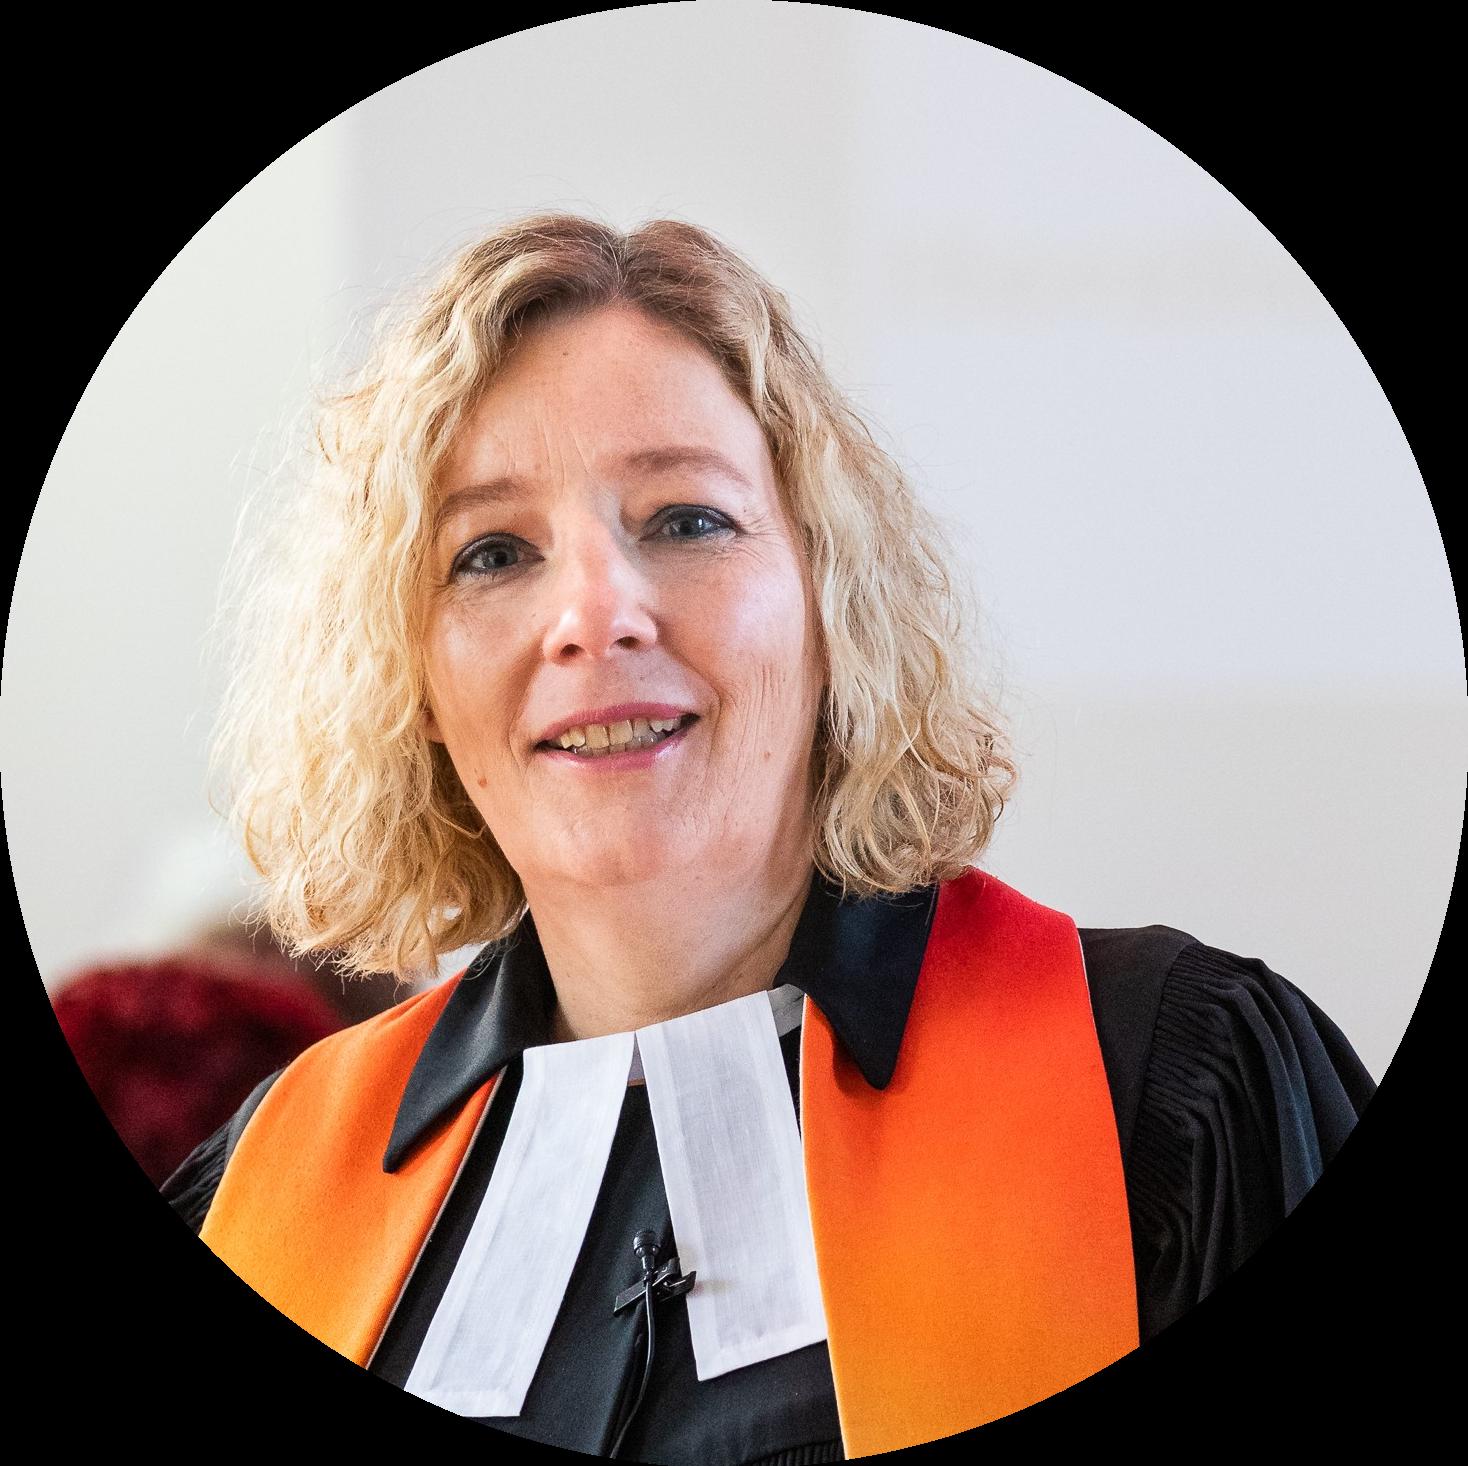 Kristina Ziegenbalg Pfarrerin